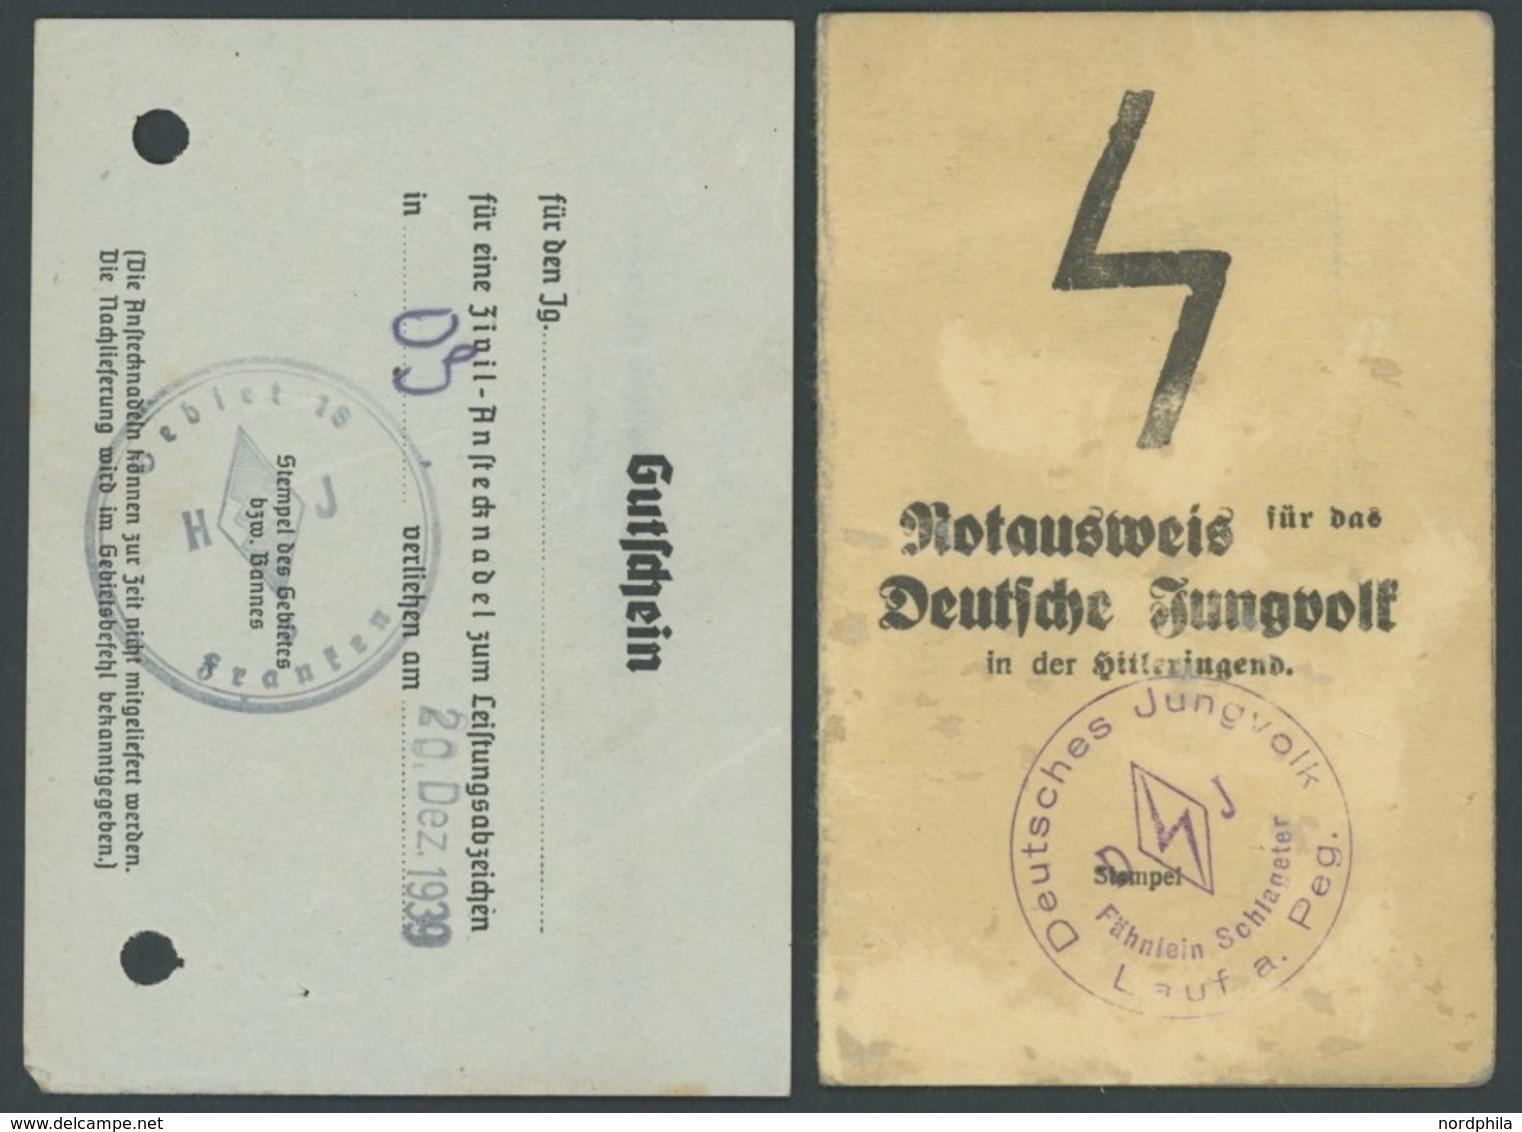 DT. GESCHICHTE/PROPAGANDA 1919-45 1939, Notausweis Für Das Deutsche Jungvolk In Der Hitlerjugend Sowie Gutschein Für Ein - Unclassified